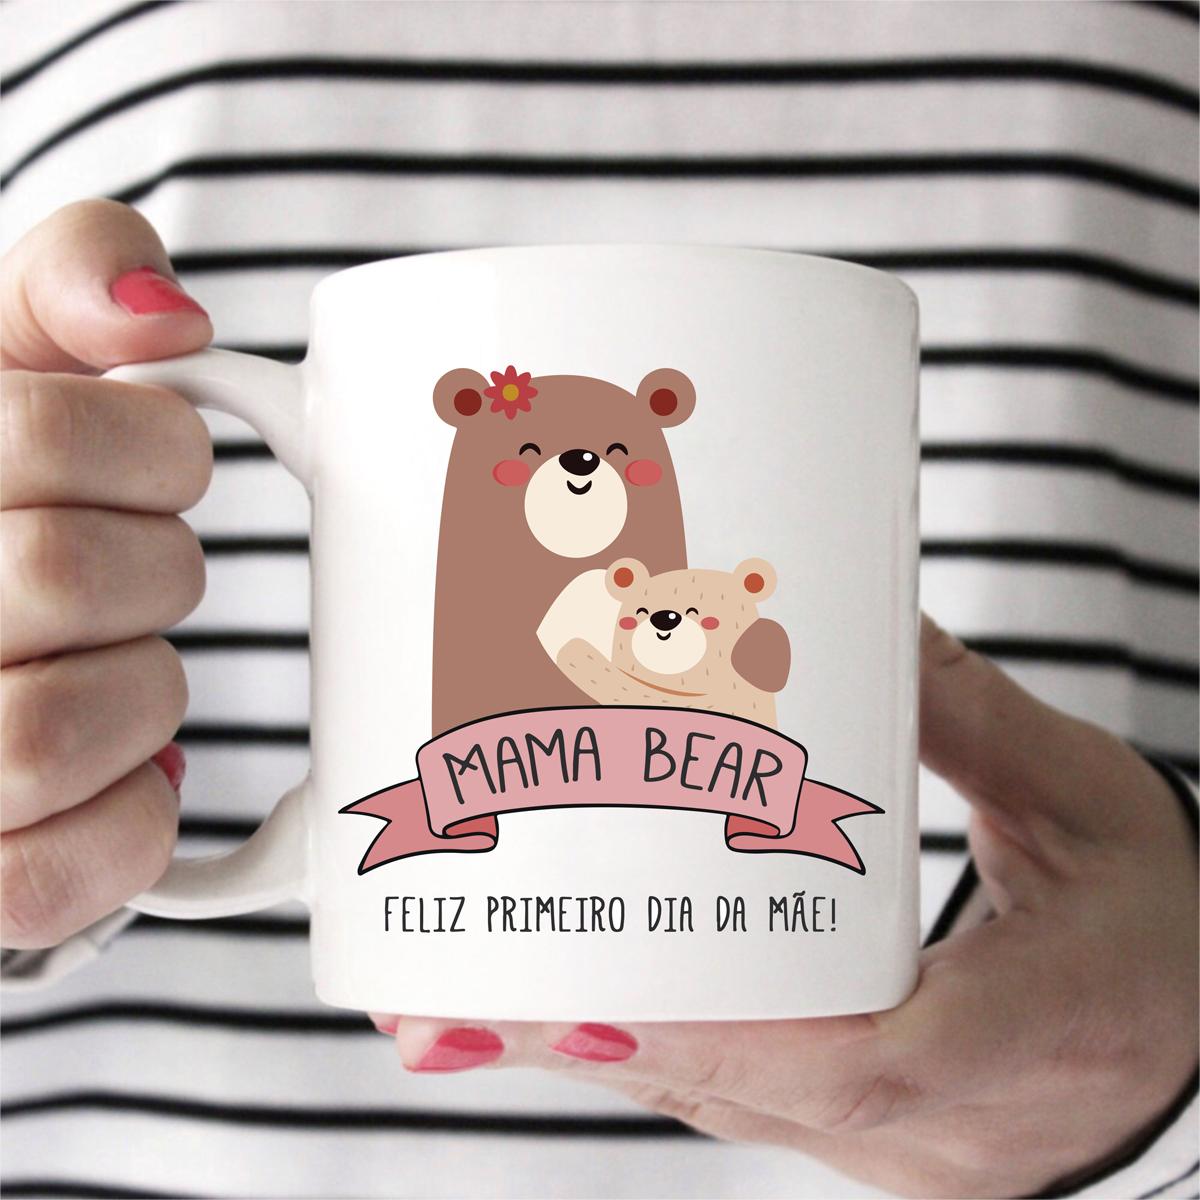 CANECA MAMA BEAR